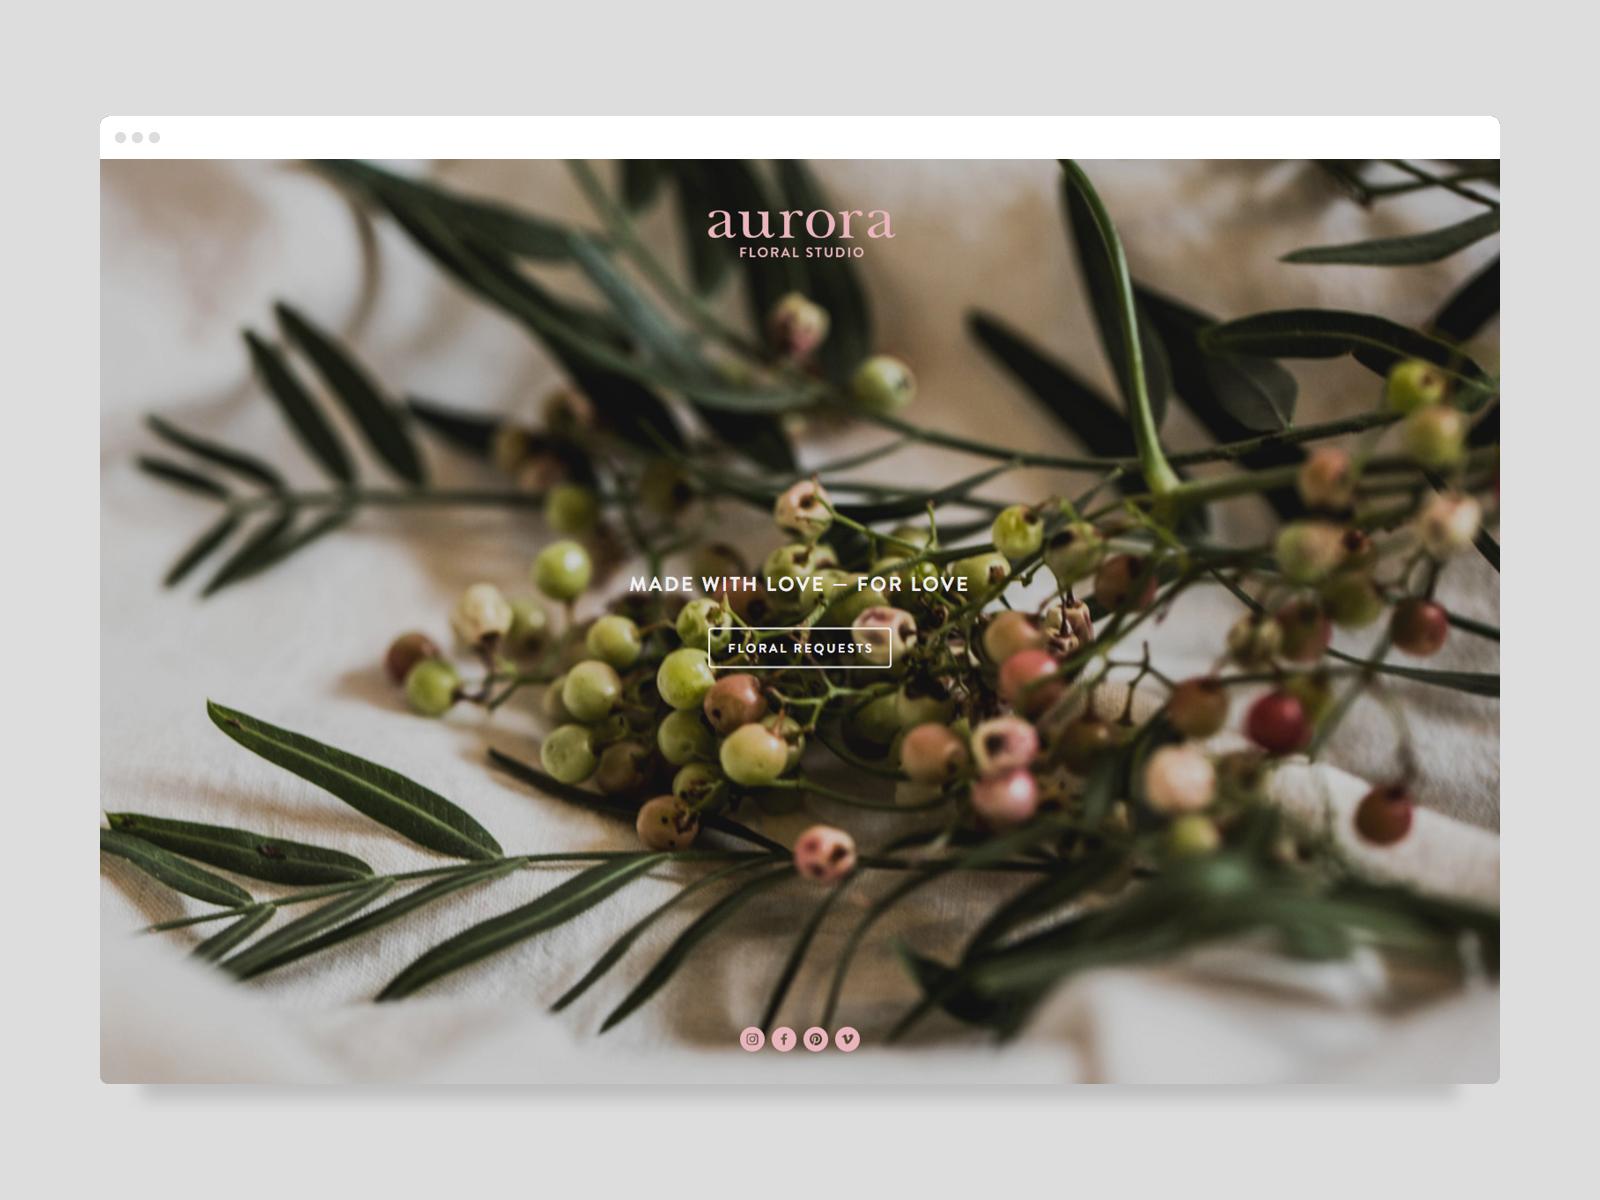 aurora-floral-studio-6.jpg